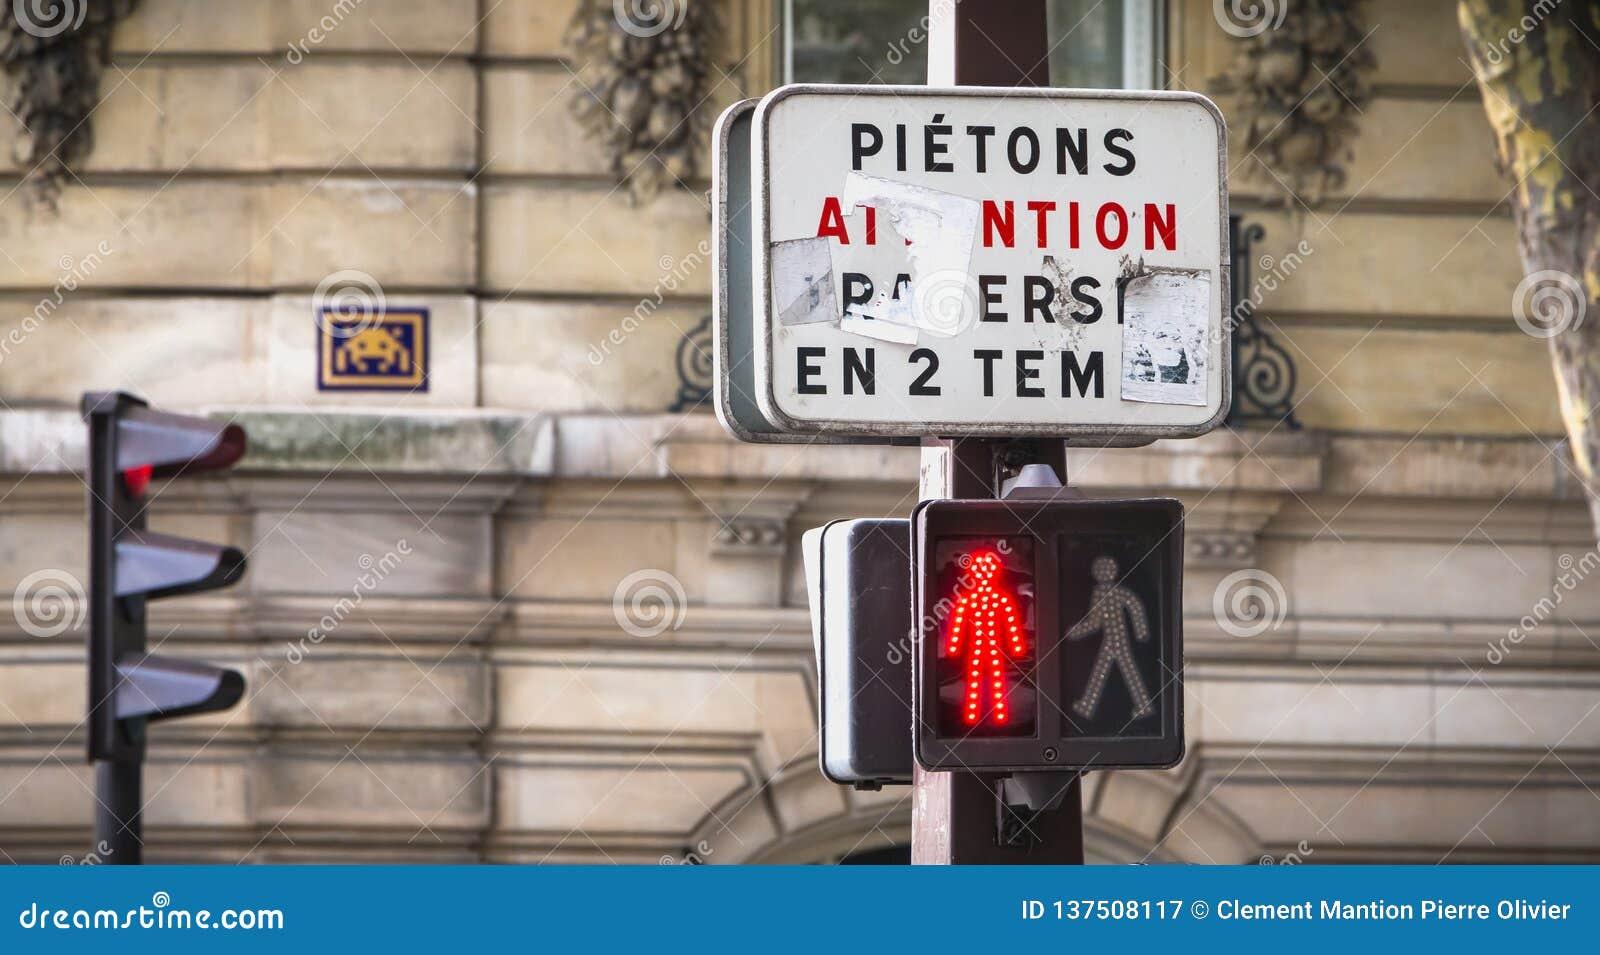 Voor een tricolorverkeerslicht, wijst op een teken in het Frans aan voetgangers om in twee stadia te kruisen